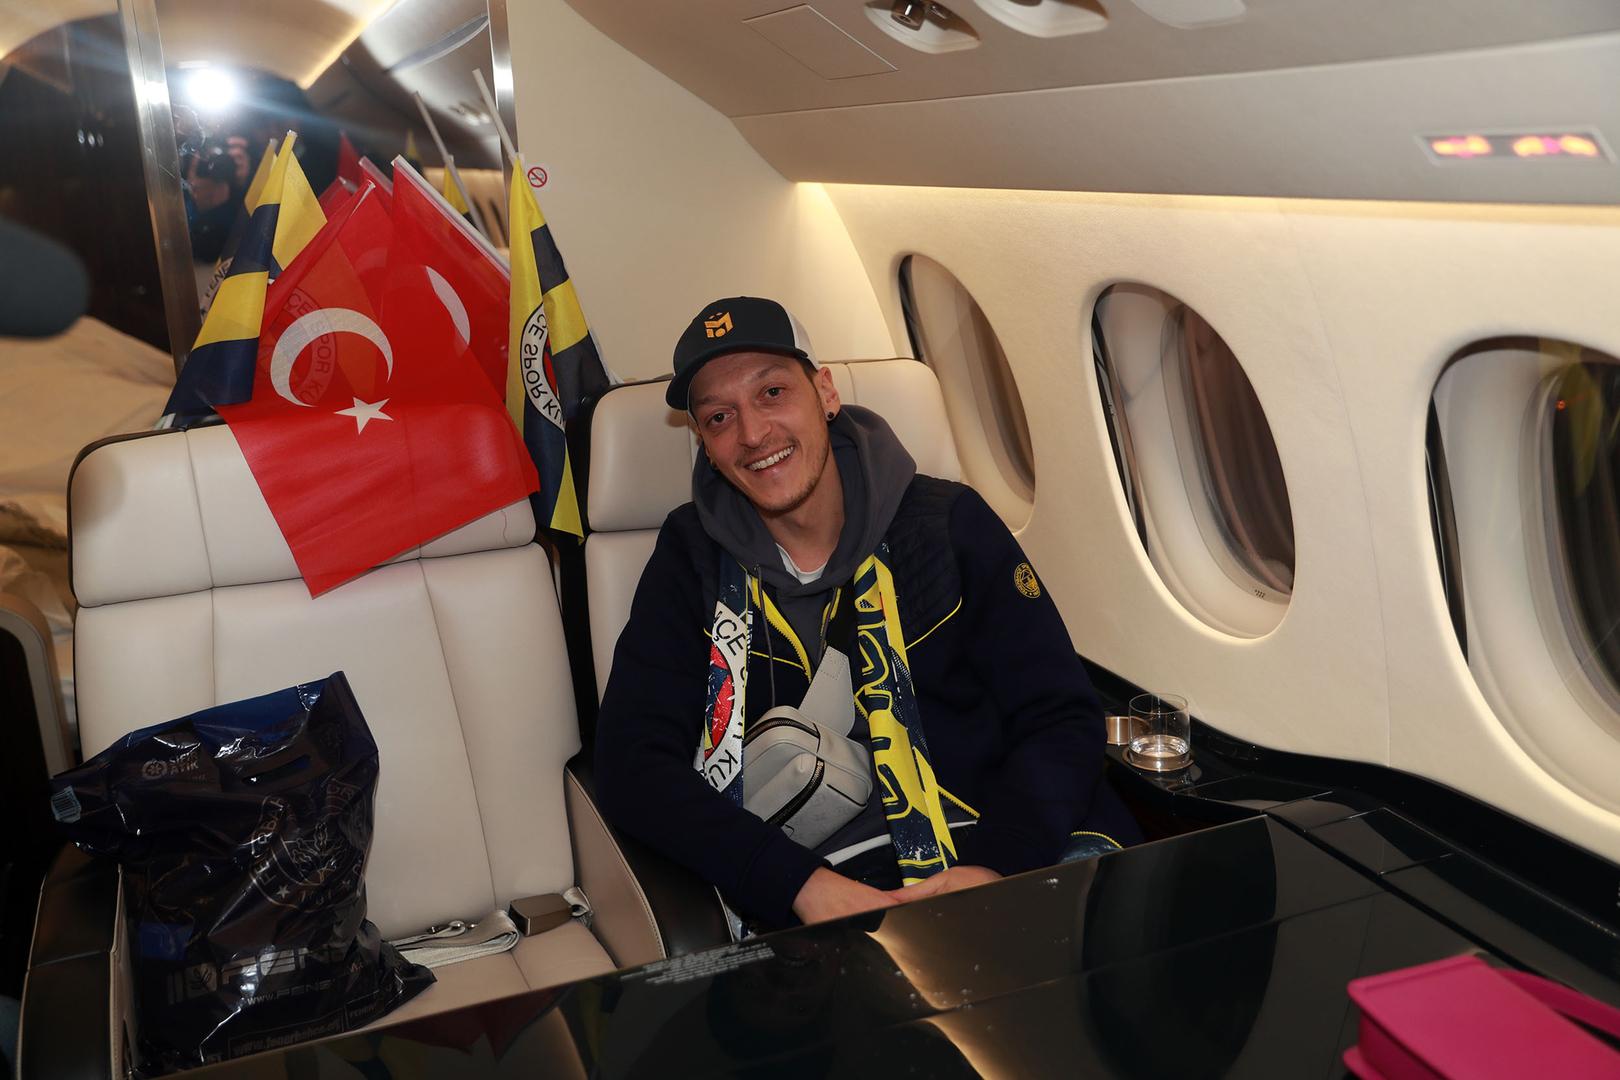 أوزيل يوجه رسالة مؤثرة لـ جماهير أرسنال بعد رحيله إلى الدوري التركي